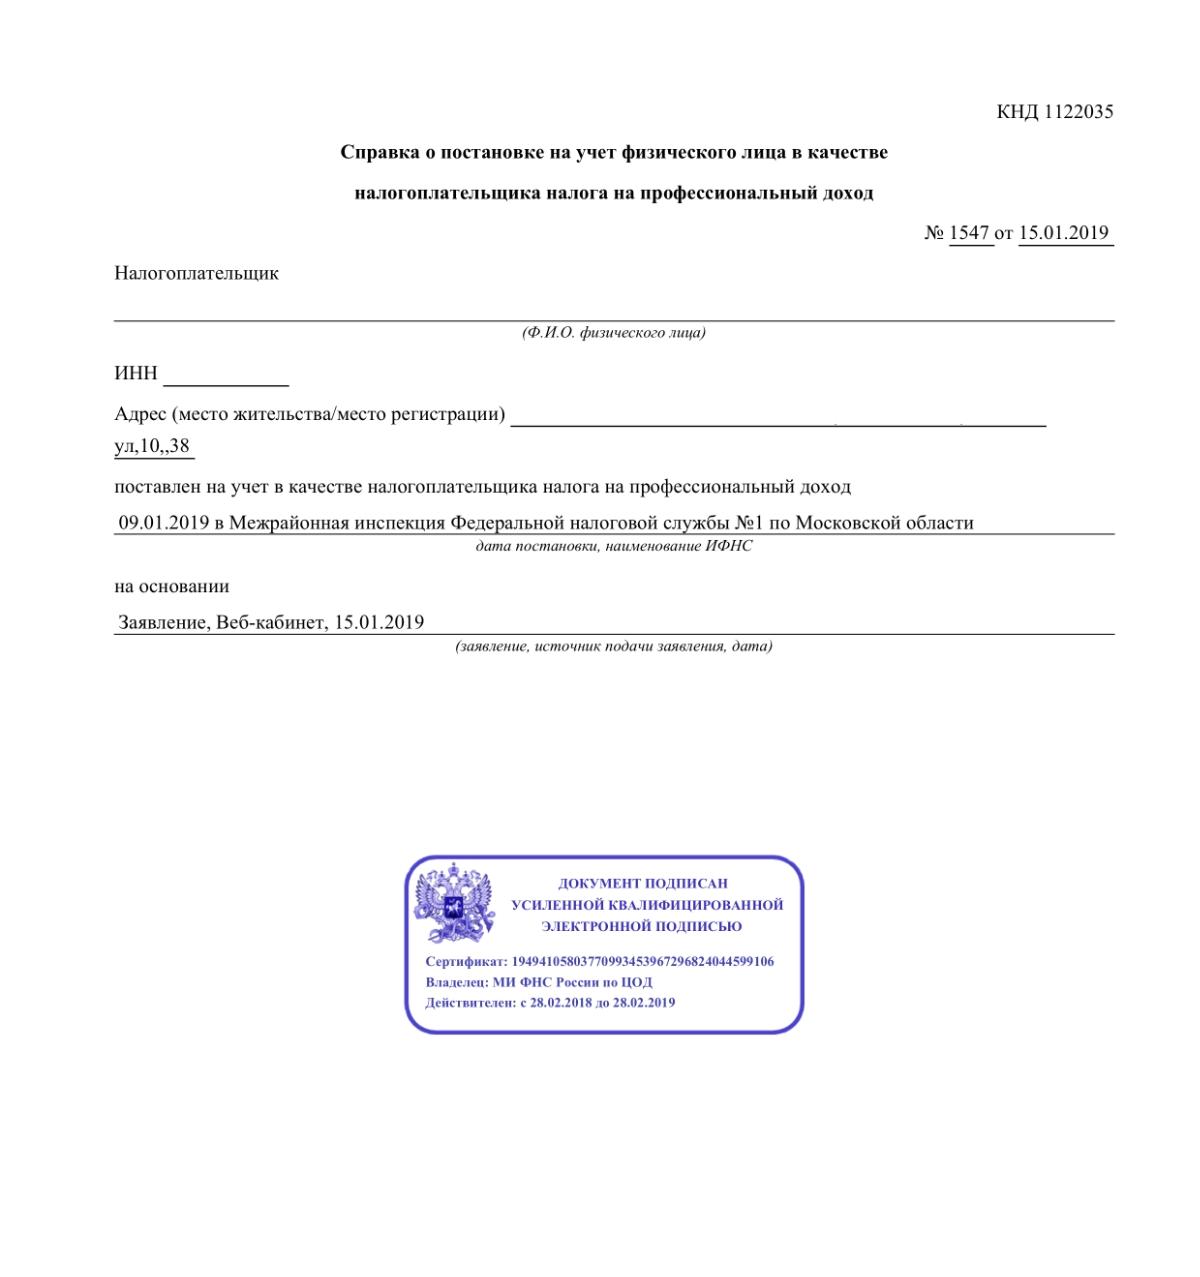 Самозанятые граждане закон 2019 года: налогообложение, виды деятельности и ограничения